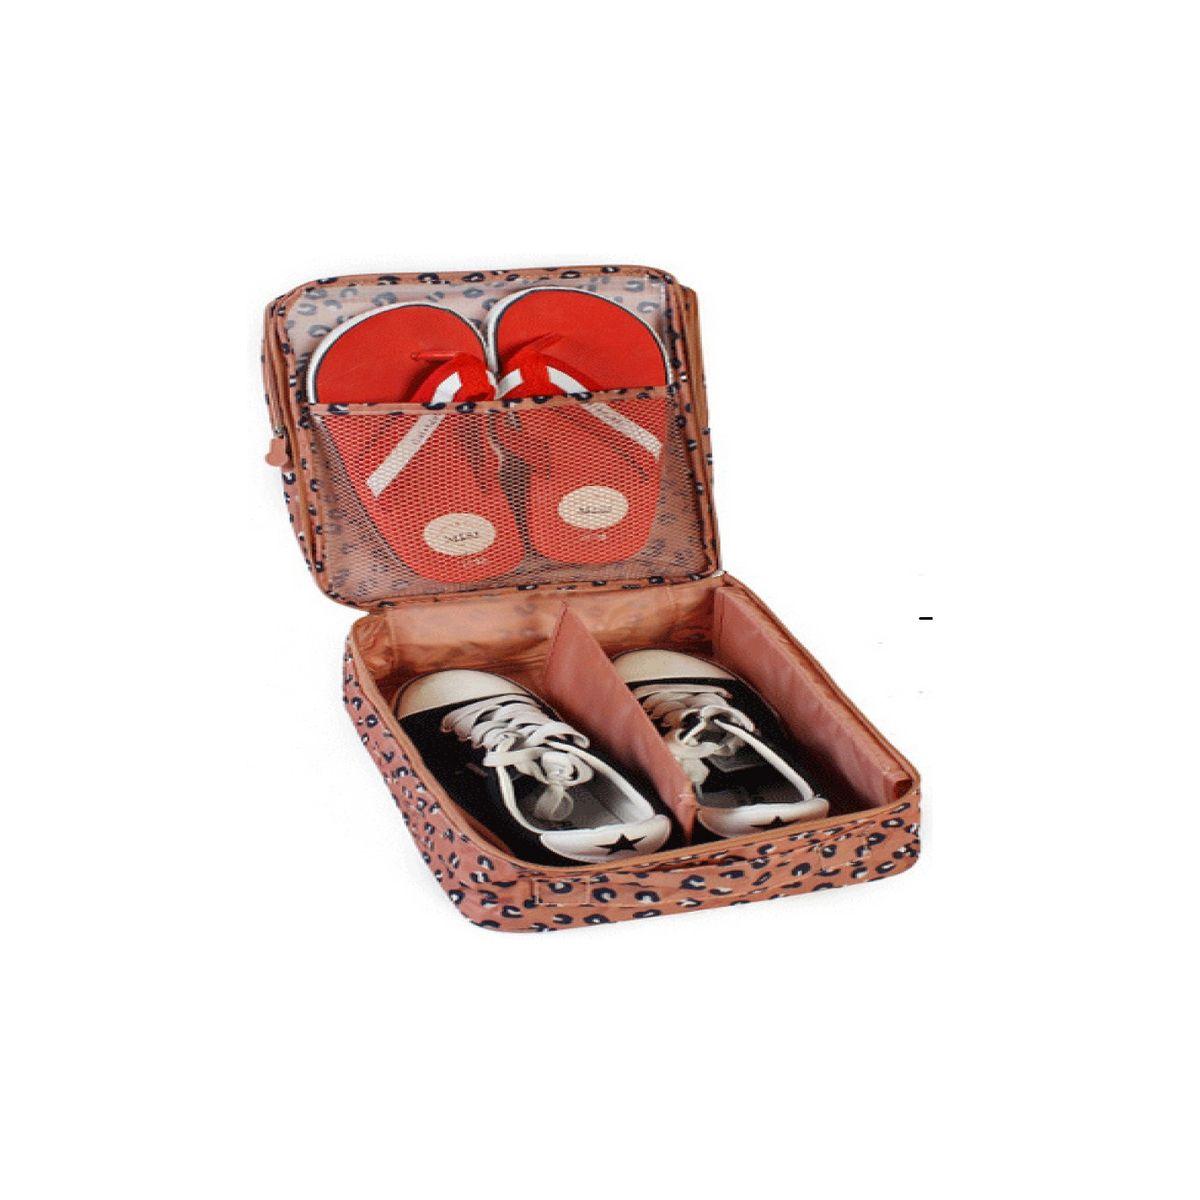 Органайзер для обуви Homsu Леопард, 32 x 20 x 13 смHOM-412Органайзер для обуви Homsu Леопард изготовлен из 100% полиэстера. Экономичная замена пластиковым пакетам и громоздким коробкам. Органайзер закрывается на молнию. Имеется ручка для удобной переноски. Внутри органайзер разделен на 2 отделения для обуви с дополнительным сетчатым кармашком. Очень компактный и очень удобный, такой органайзер поможет вам хранить обувь в чистоте и порядке. Размер: 32 х 20 х 13 см.